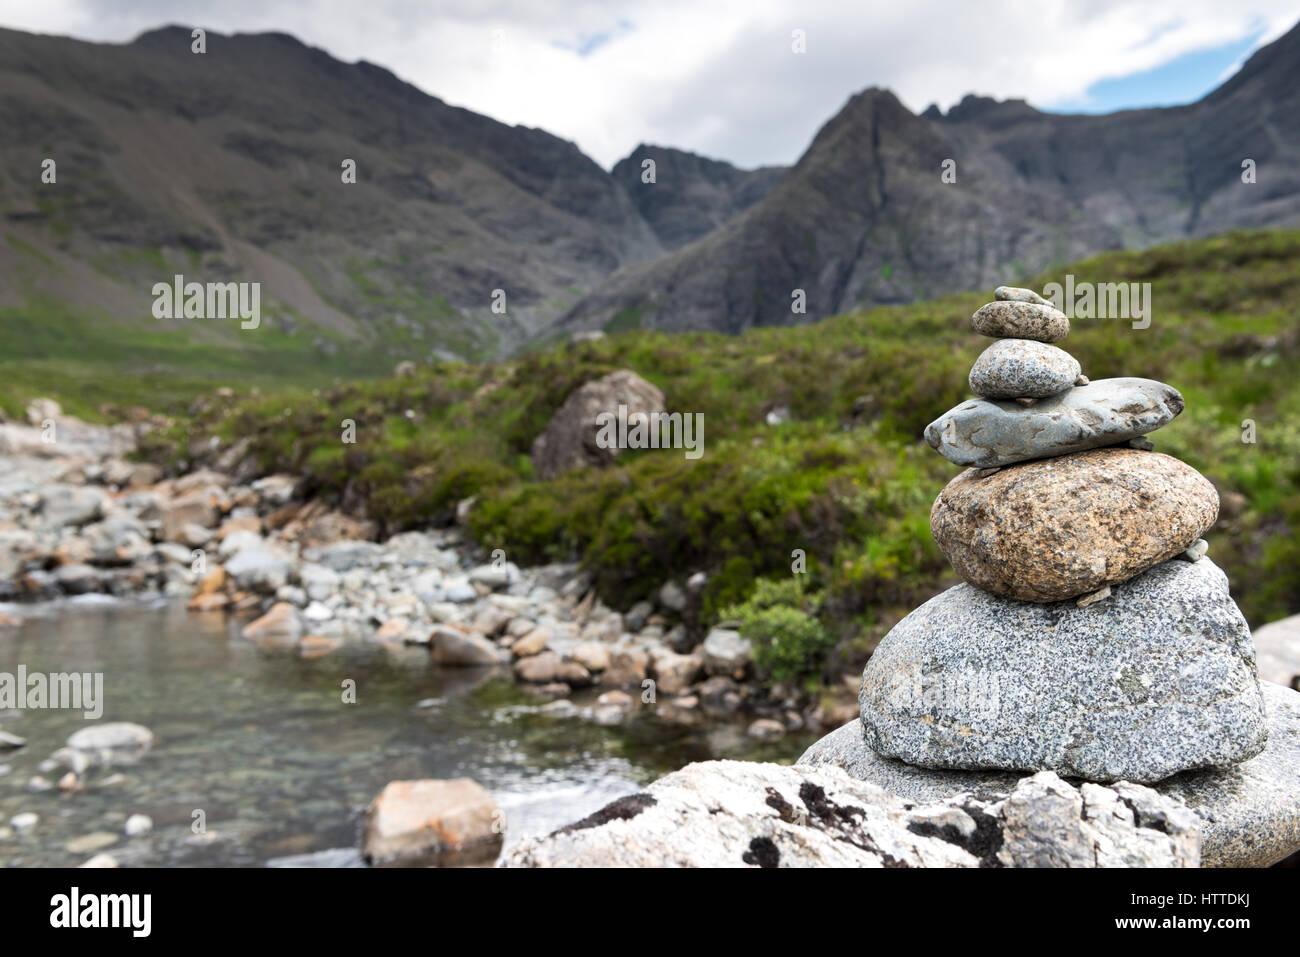 Balance-Konzept, Inspiration, Zen-artiges und Wohlbefinden ruhigen Komposition Stockbild